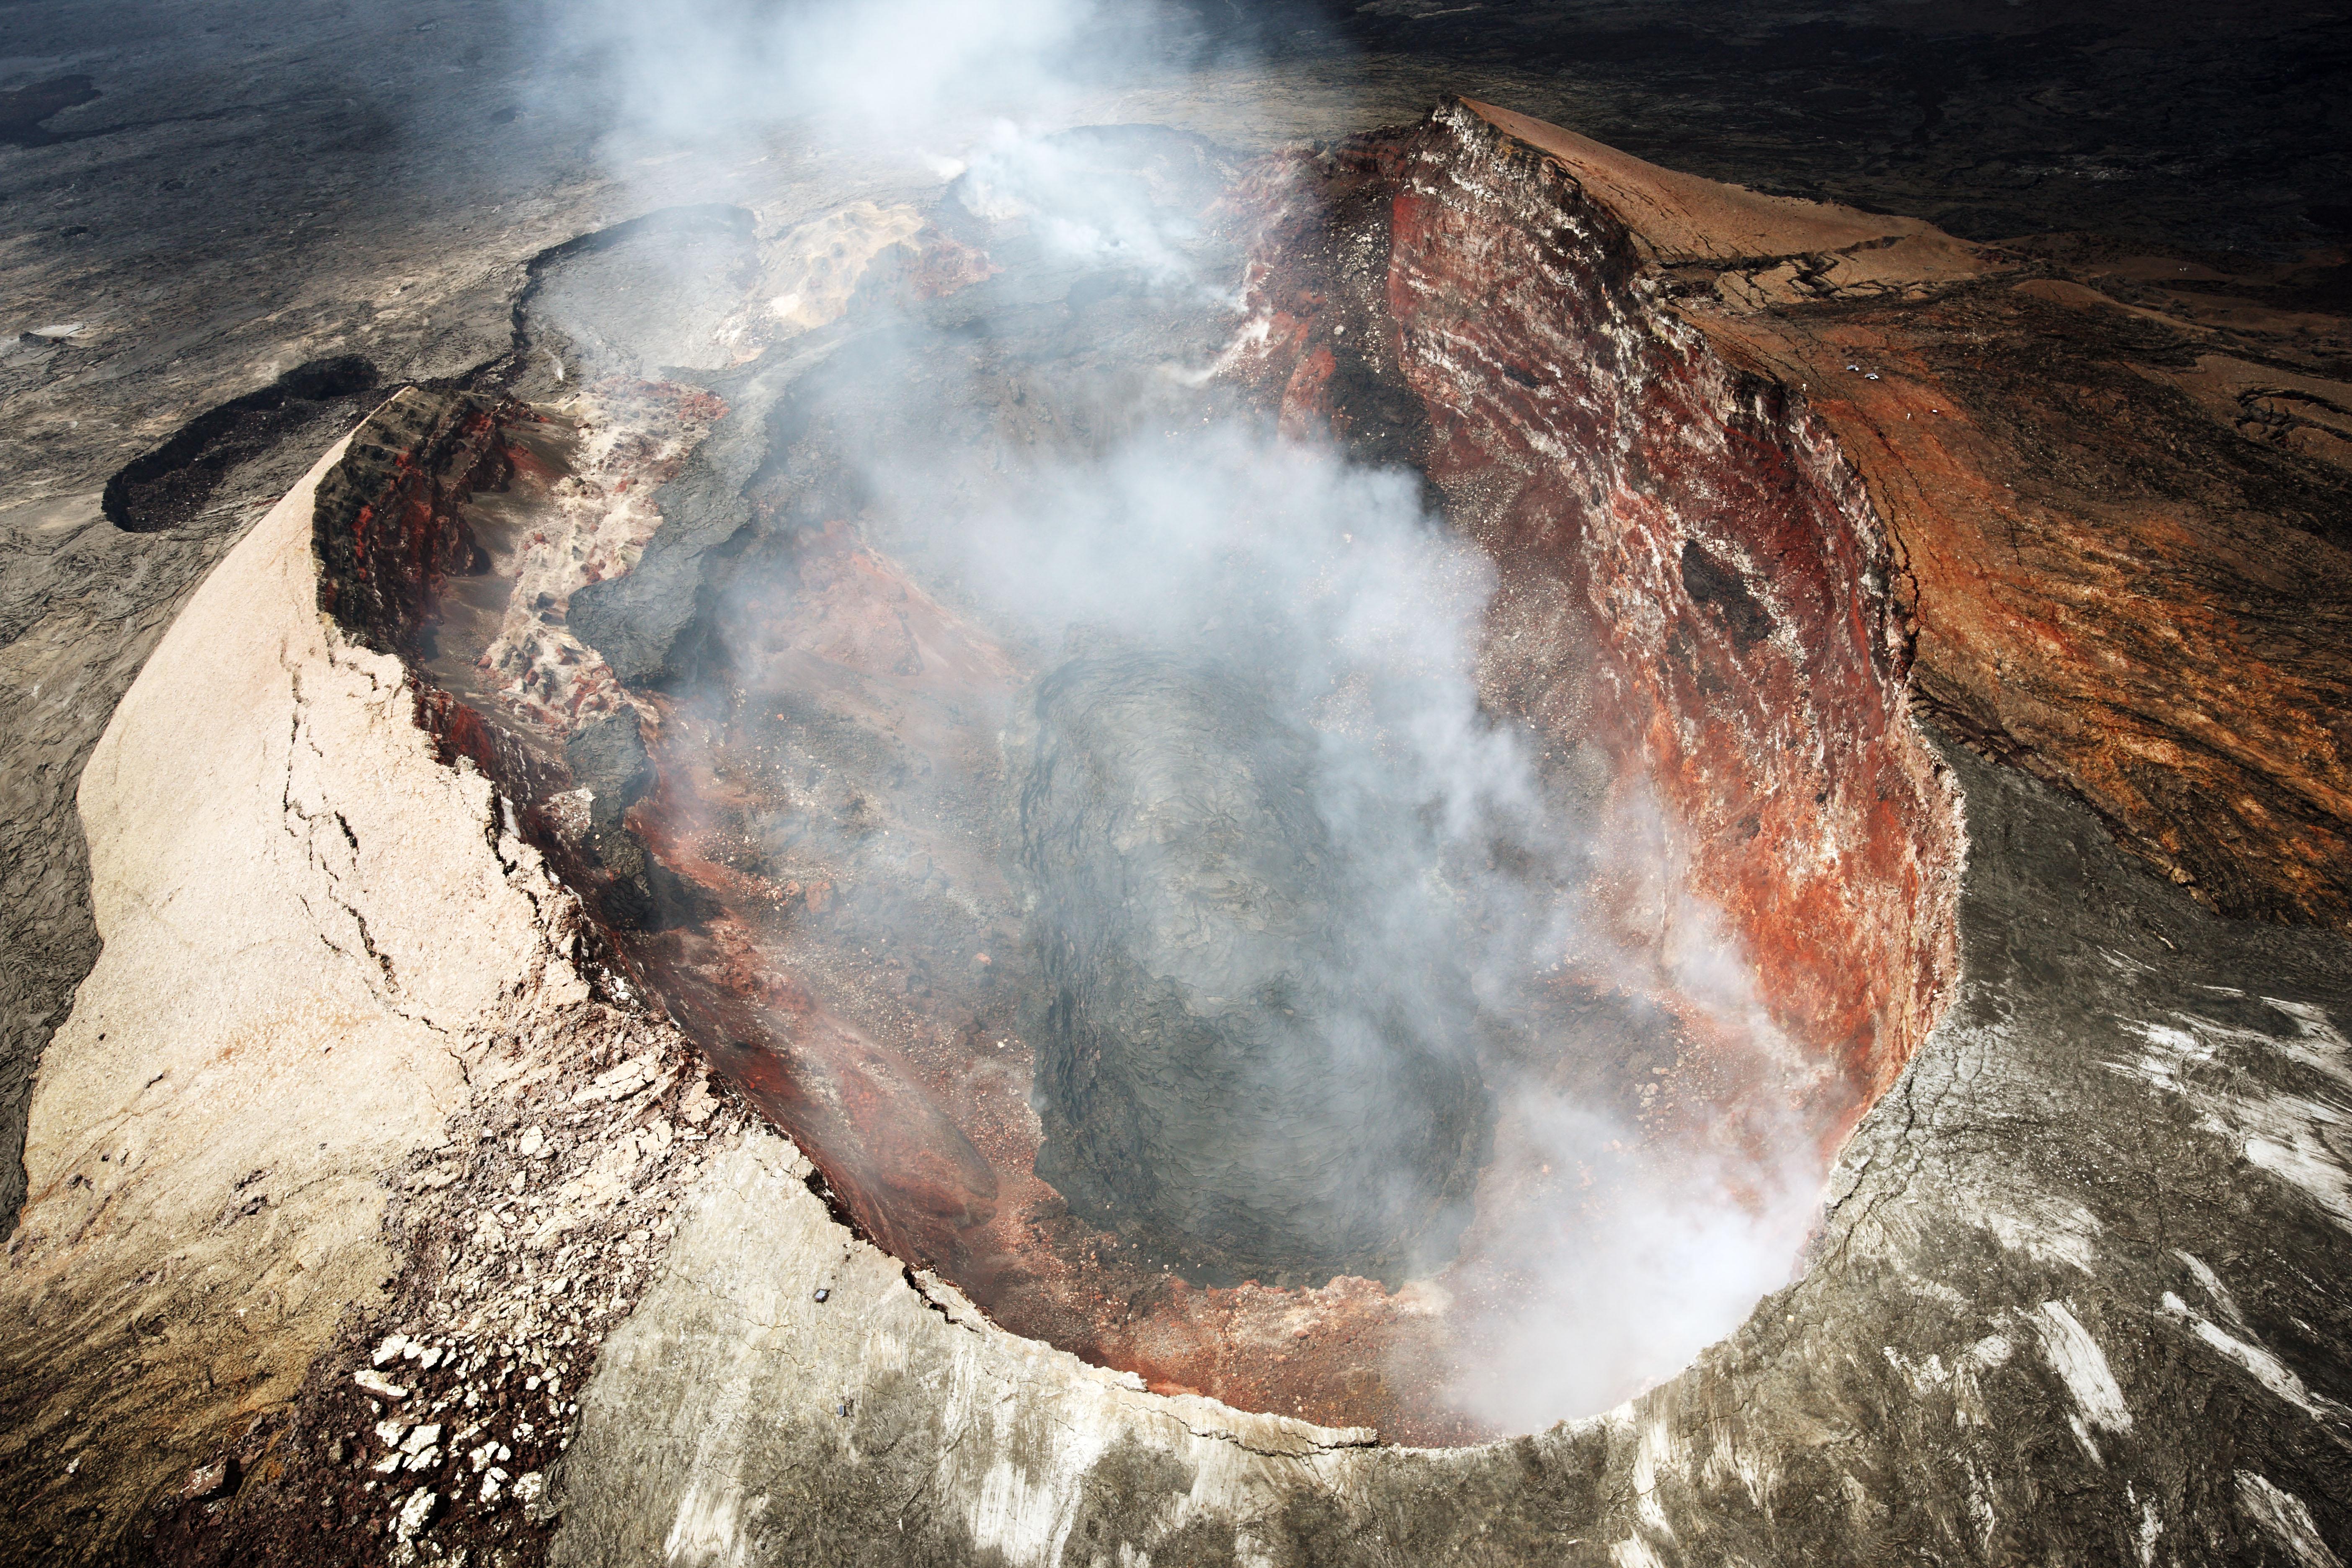 fotografia, materiale, libero il panorama, dipinga, fotografia di scorta,Mt. Kilauea, Lavico, Il cratere, Puu Oo, Fumo